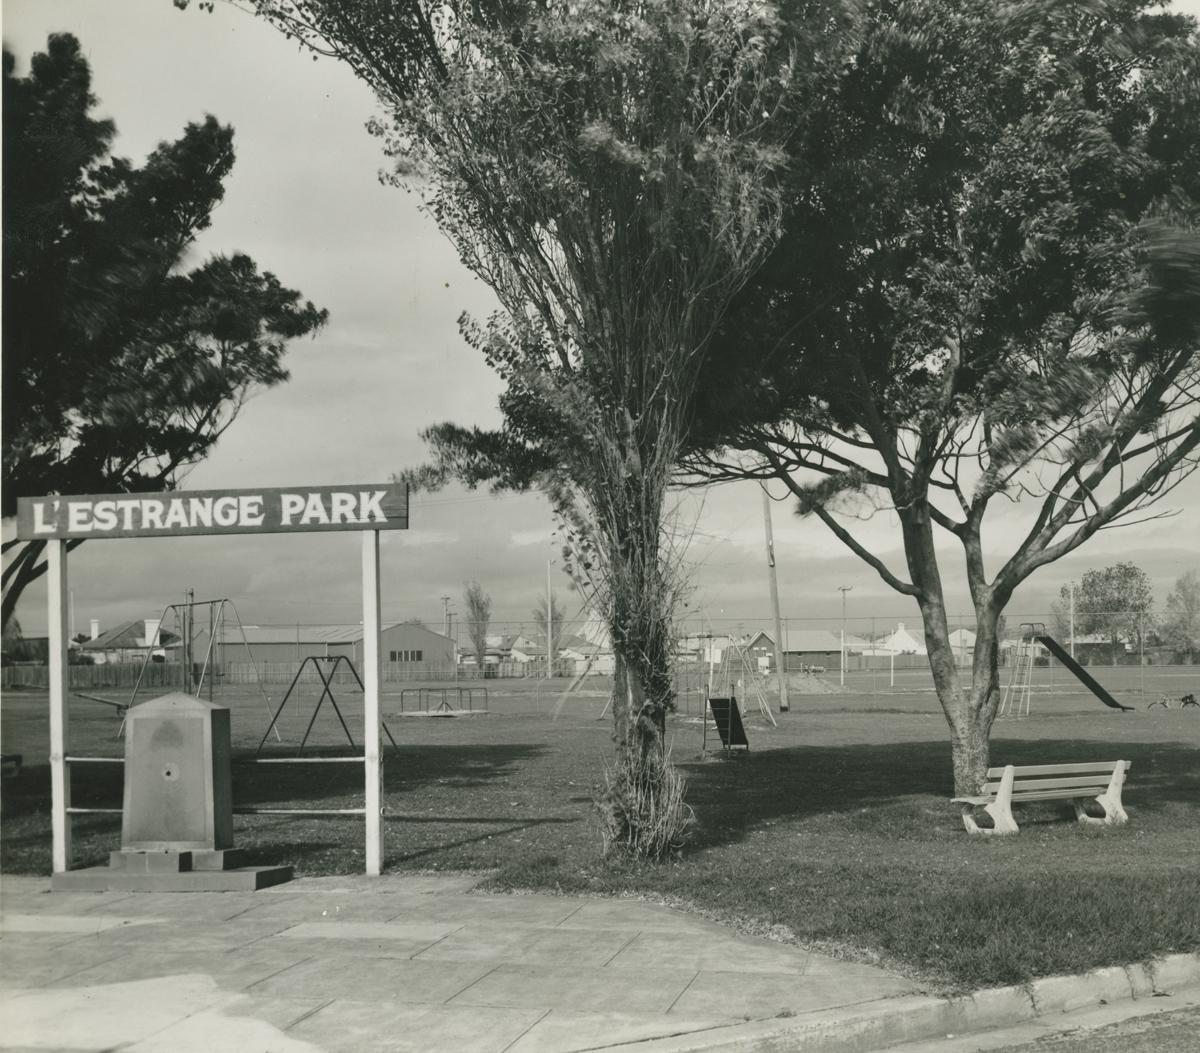 lestrange-park_mascot_history.jpg